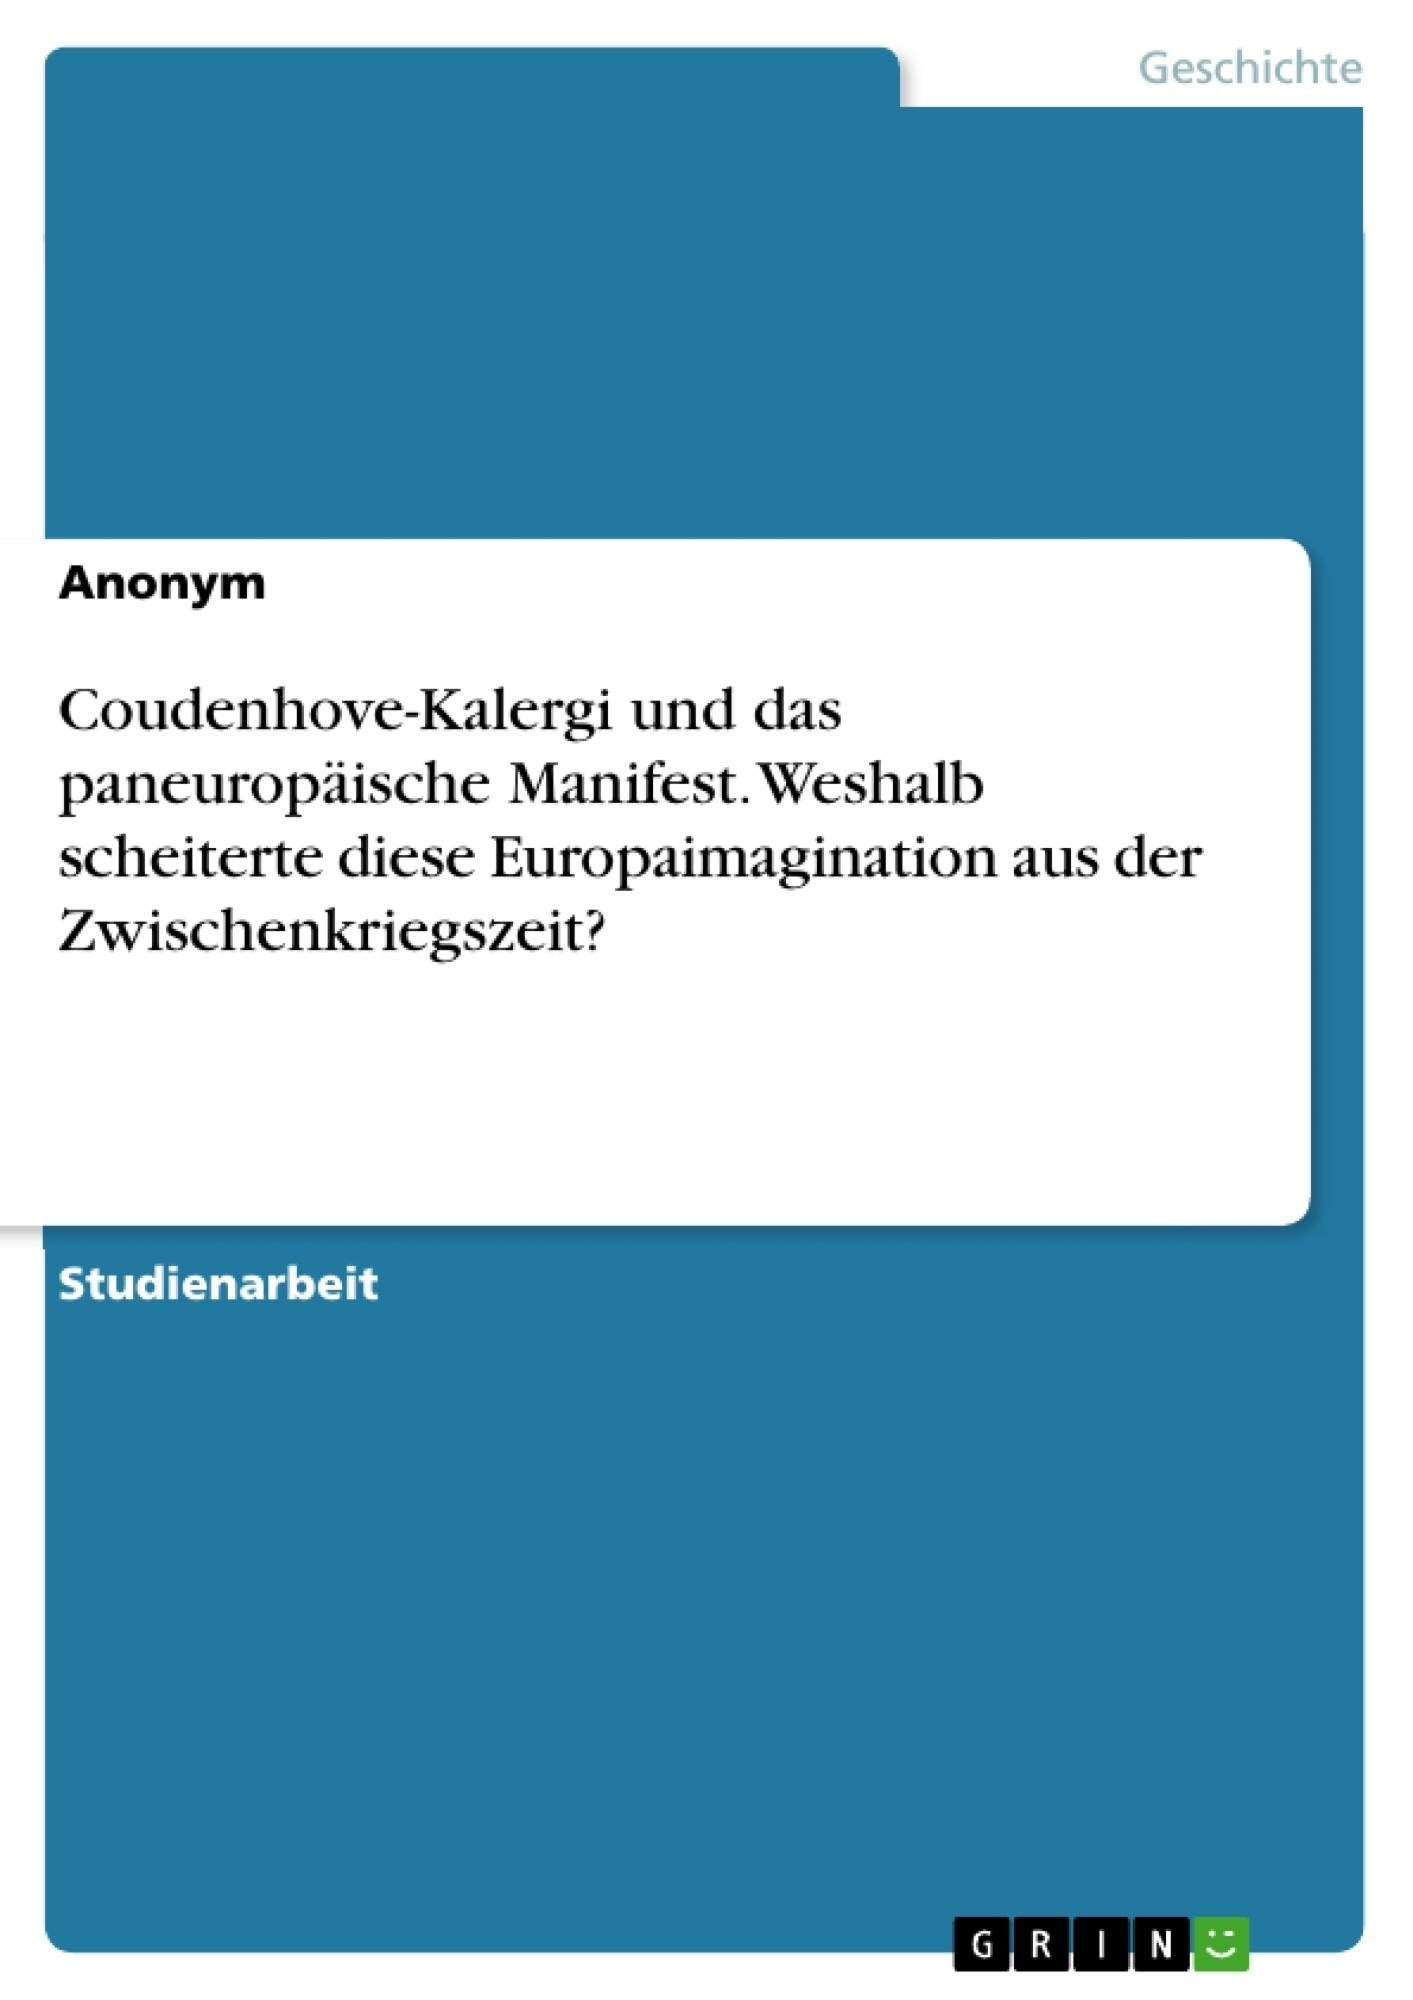 Titel: Coudenhove-Kalergi und das paneuropäische Manifest. Weshalb scheiterte diese Europaimagination aus der Zwischenkriegszeit?